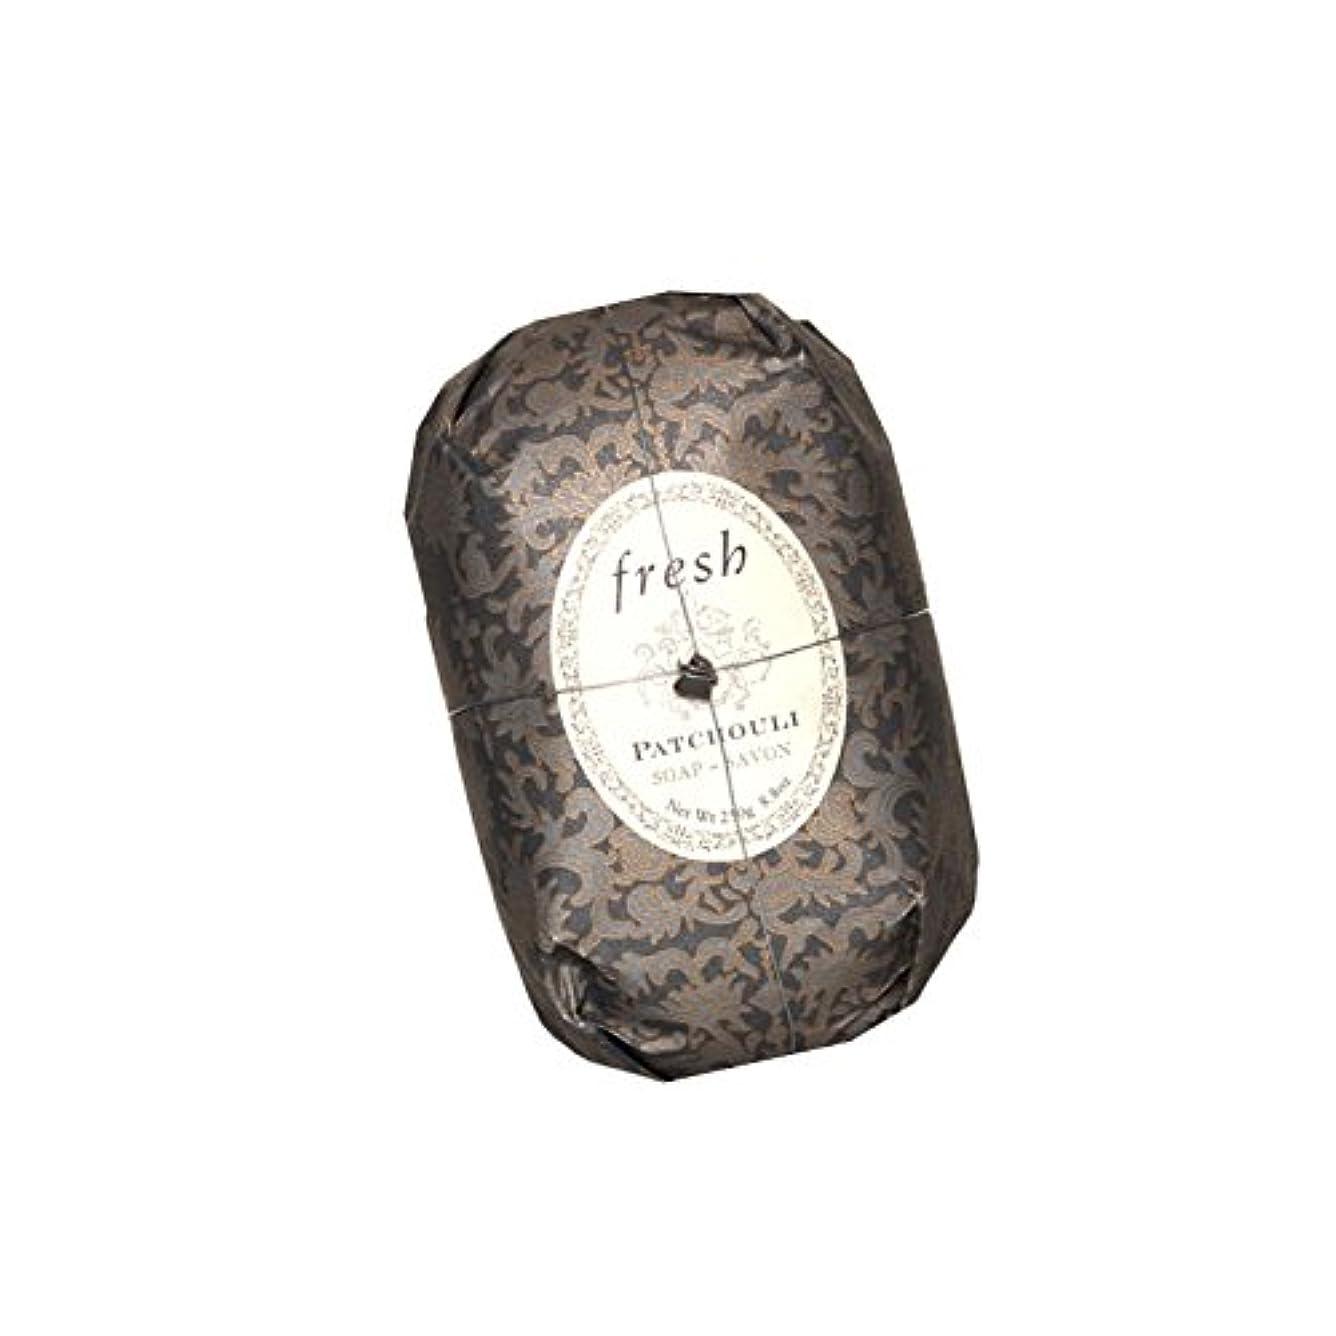 標準カヌー州Fresh フレッシュ Patchouli Soap 石鹸, 250g/8.8oz. [海外直送品] [並行輸入品]